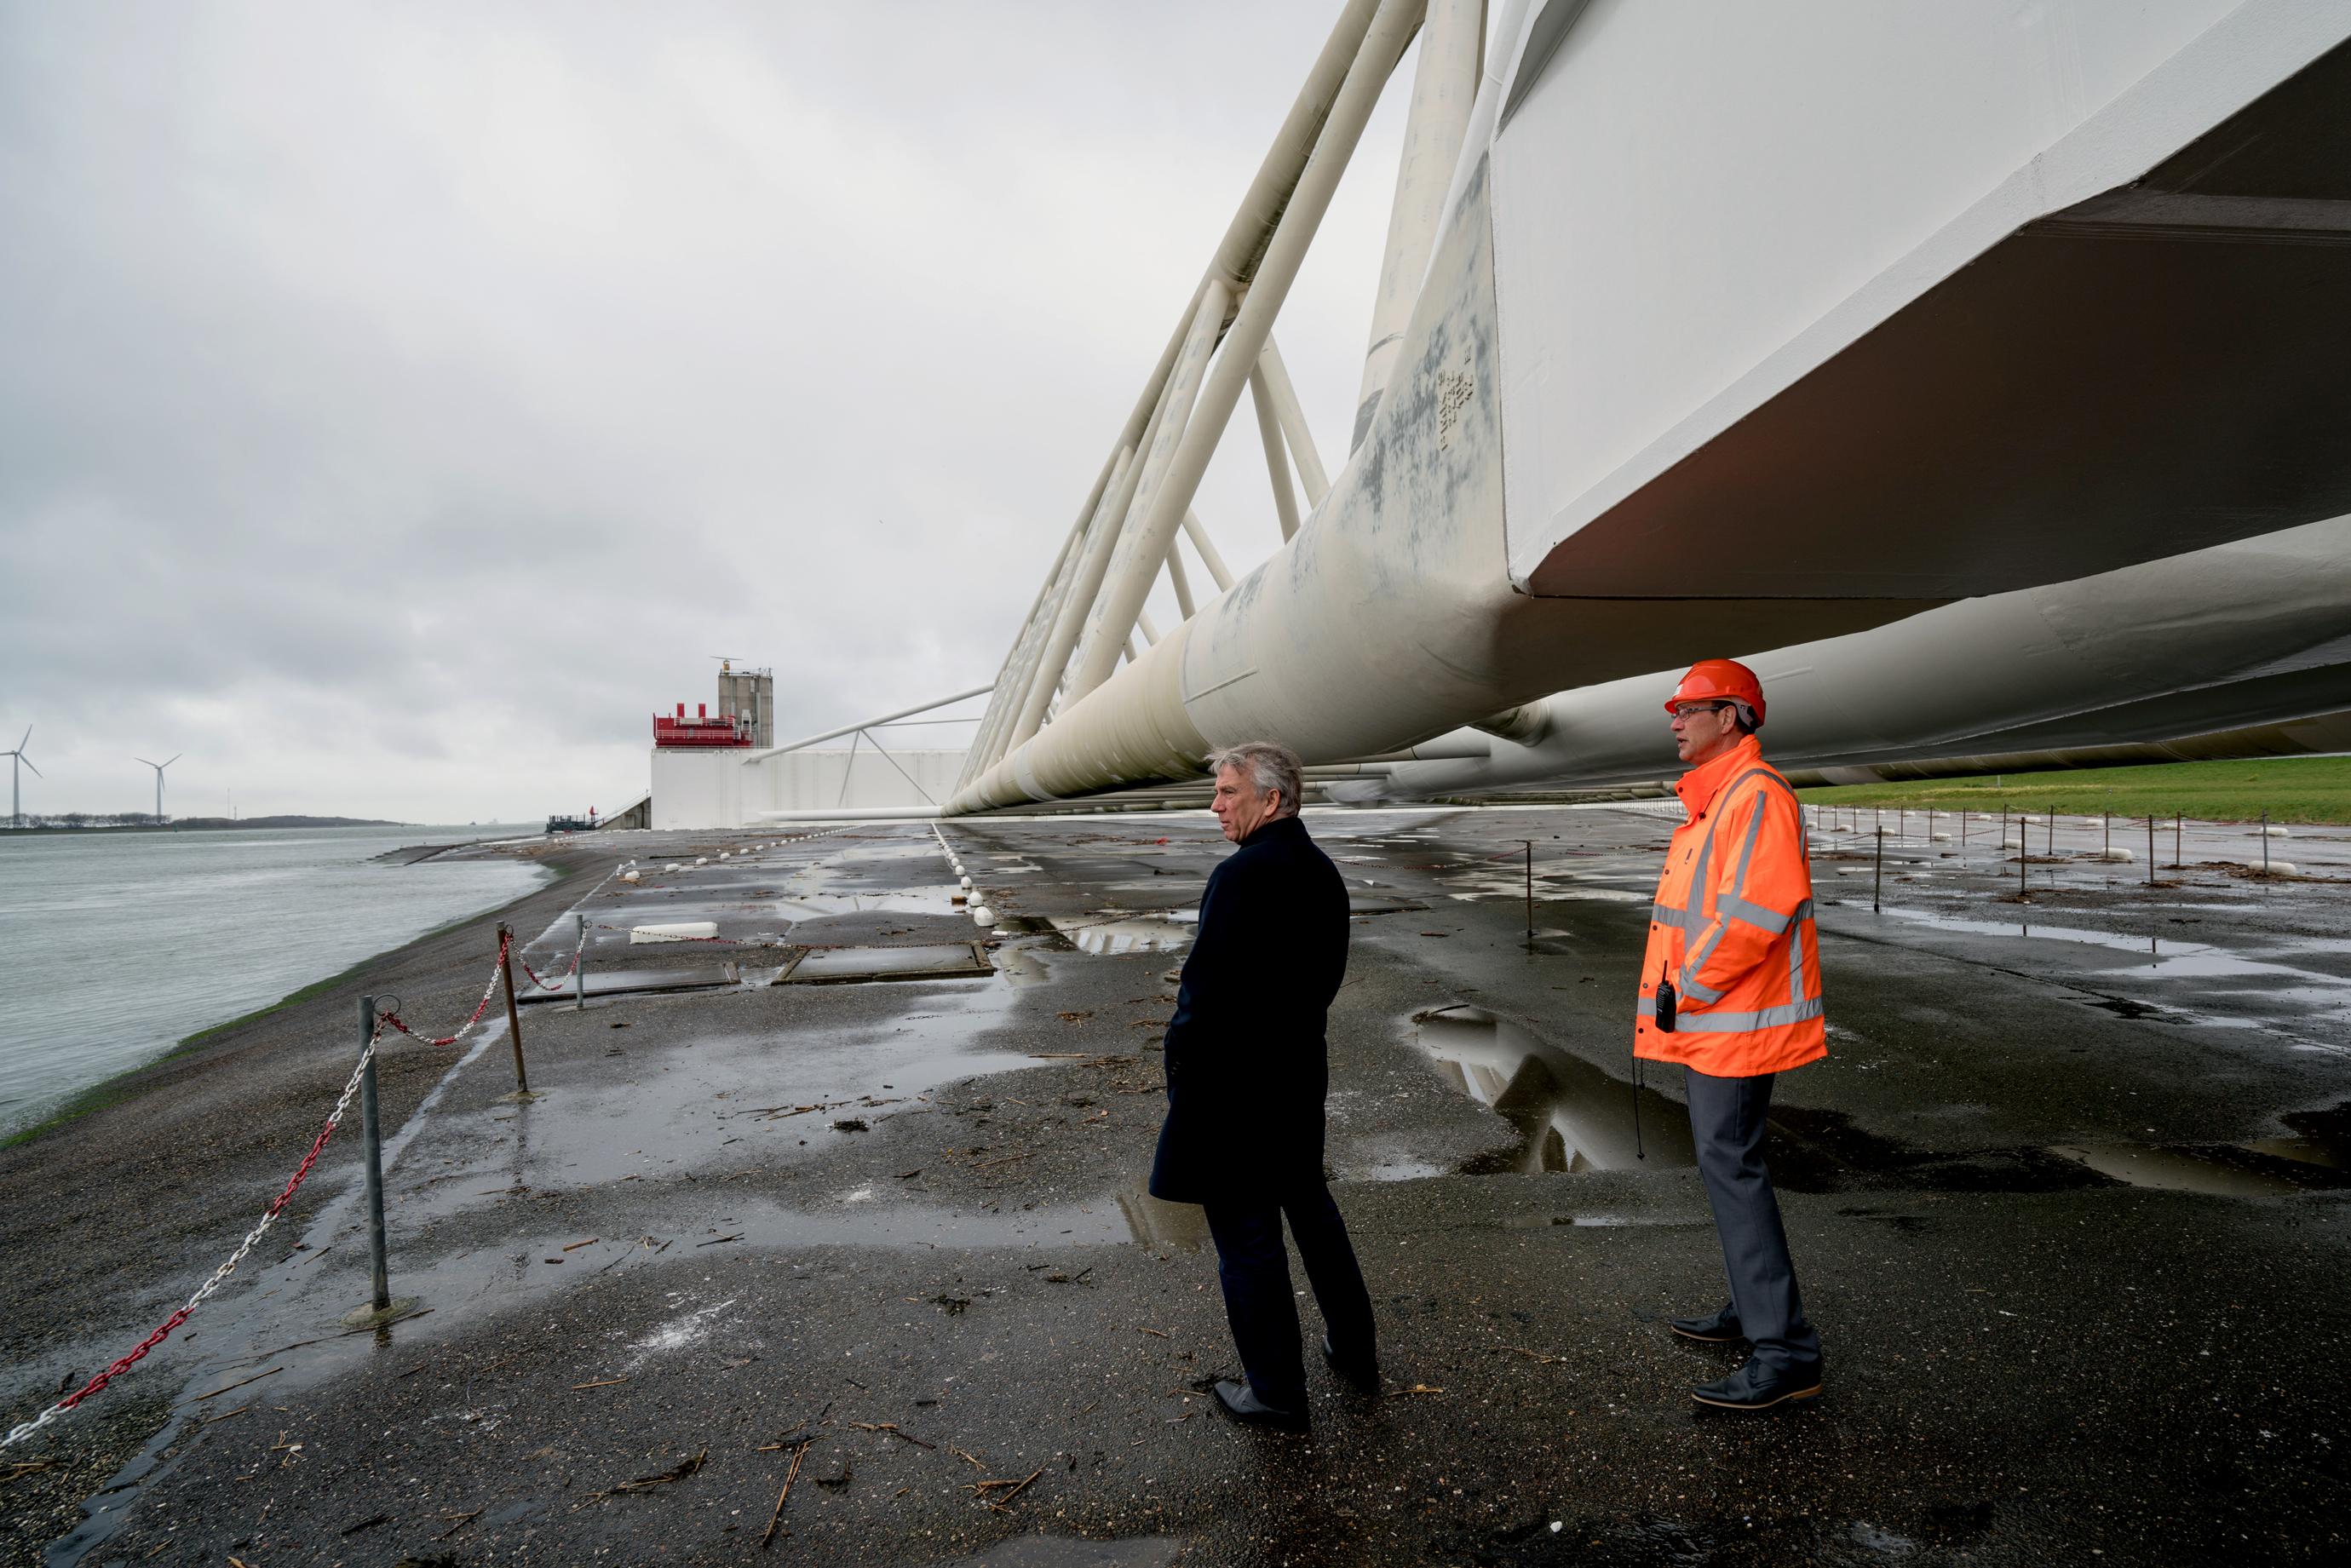 Piet Dircke (left) looks across the Nieuwe Waterweg from beneath one of the giant arms of the Maeslantkering storm surge barrier.